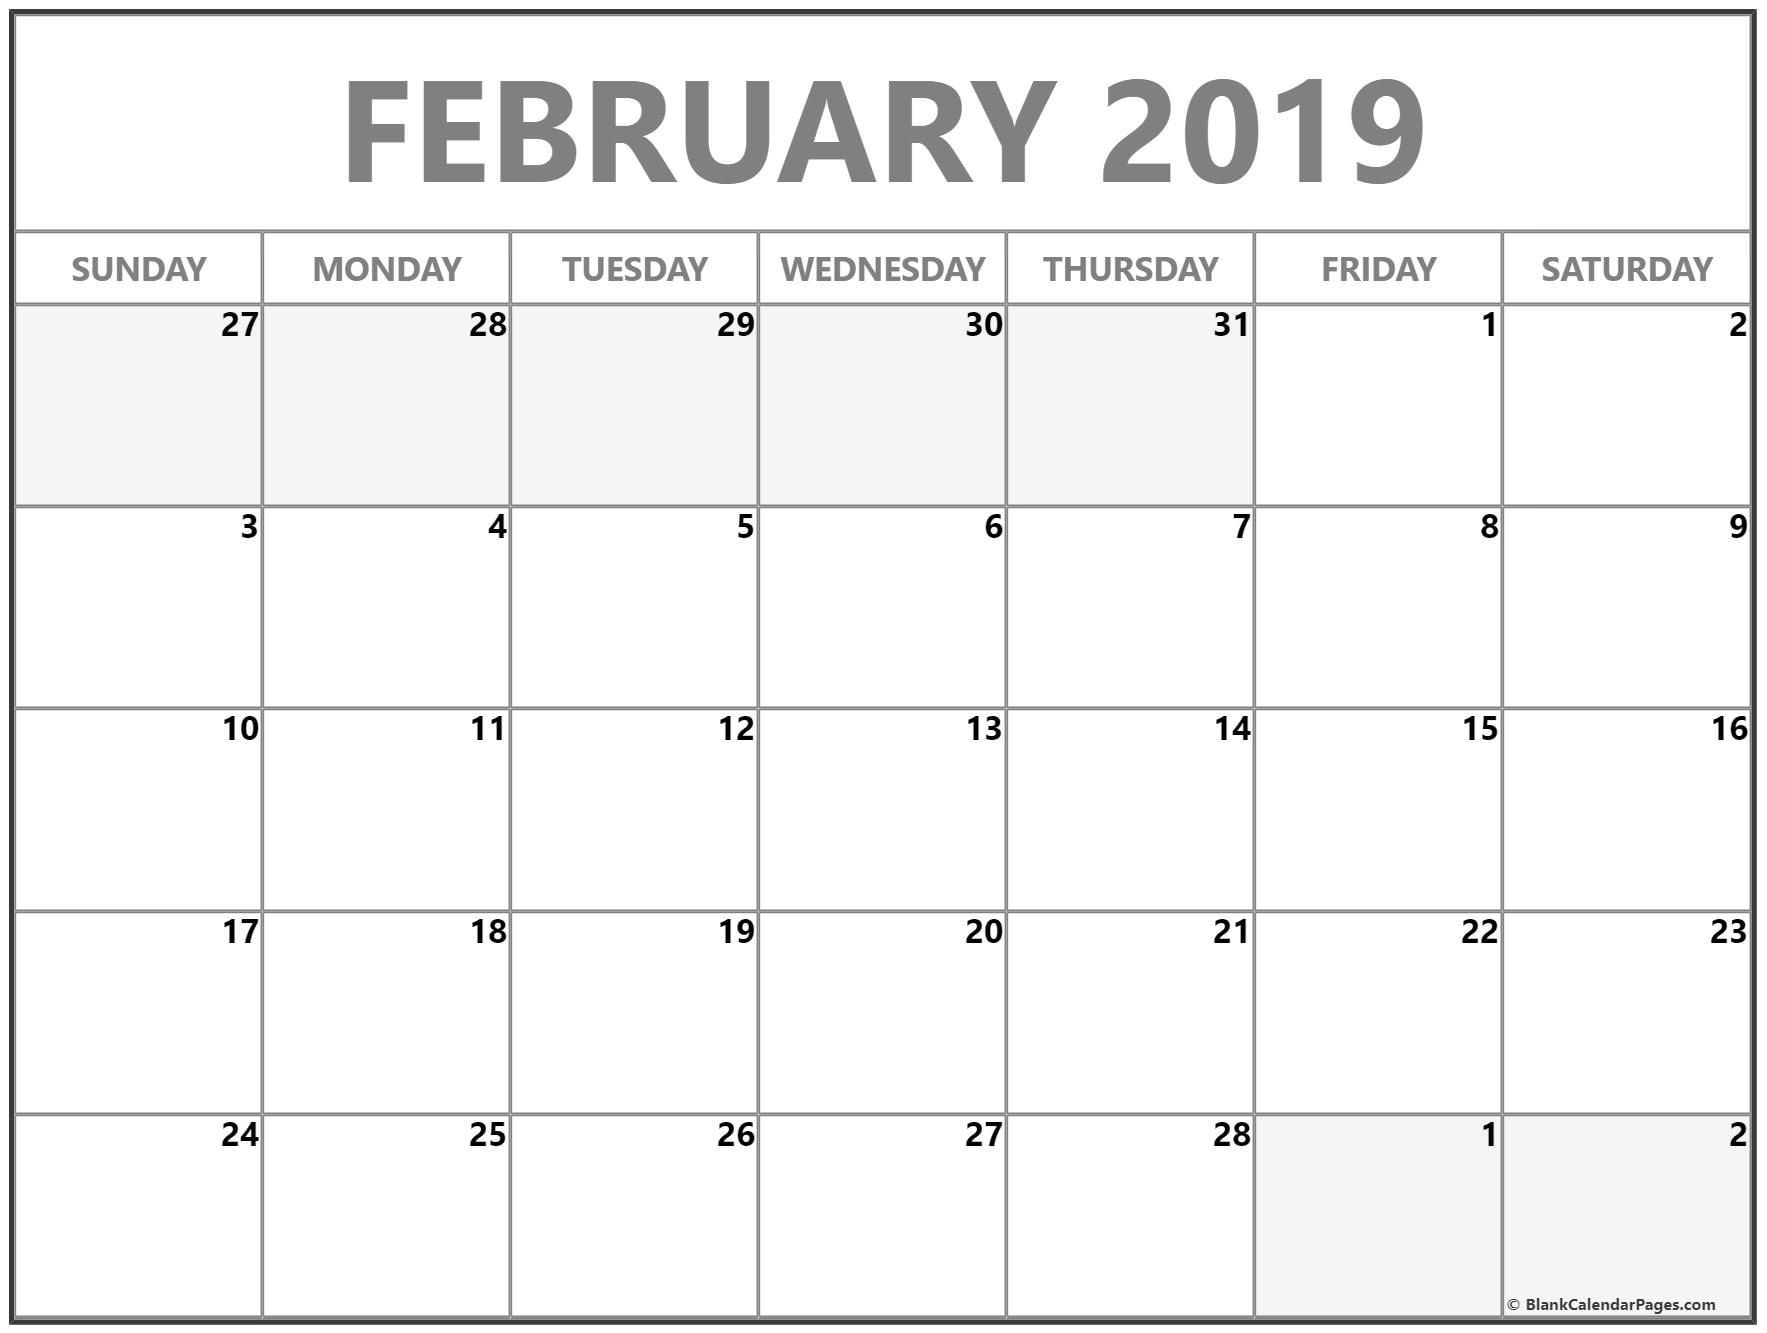 February Calendar 2019 Grid 8 free february 2019 a4 calendar download calendar 2018 free